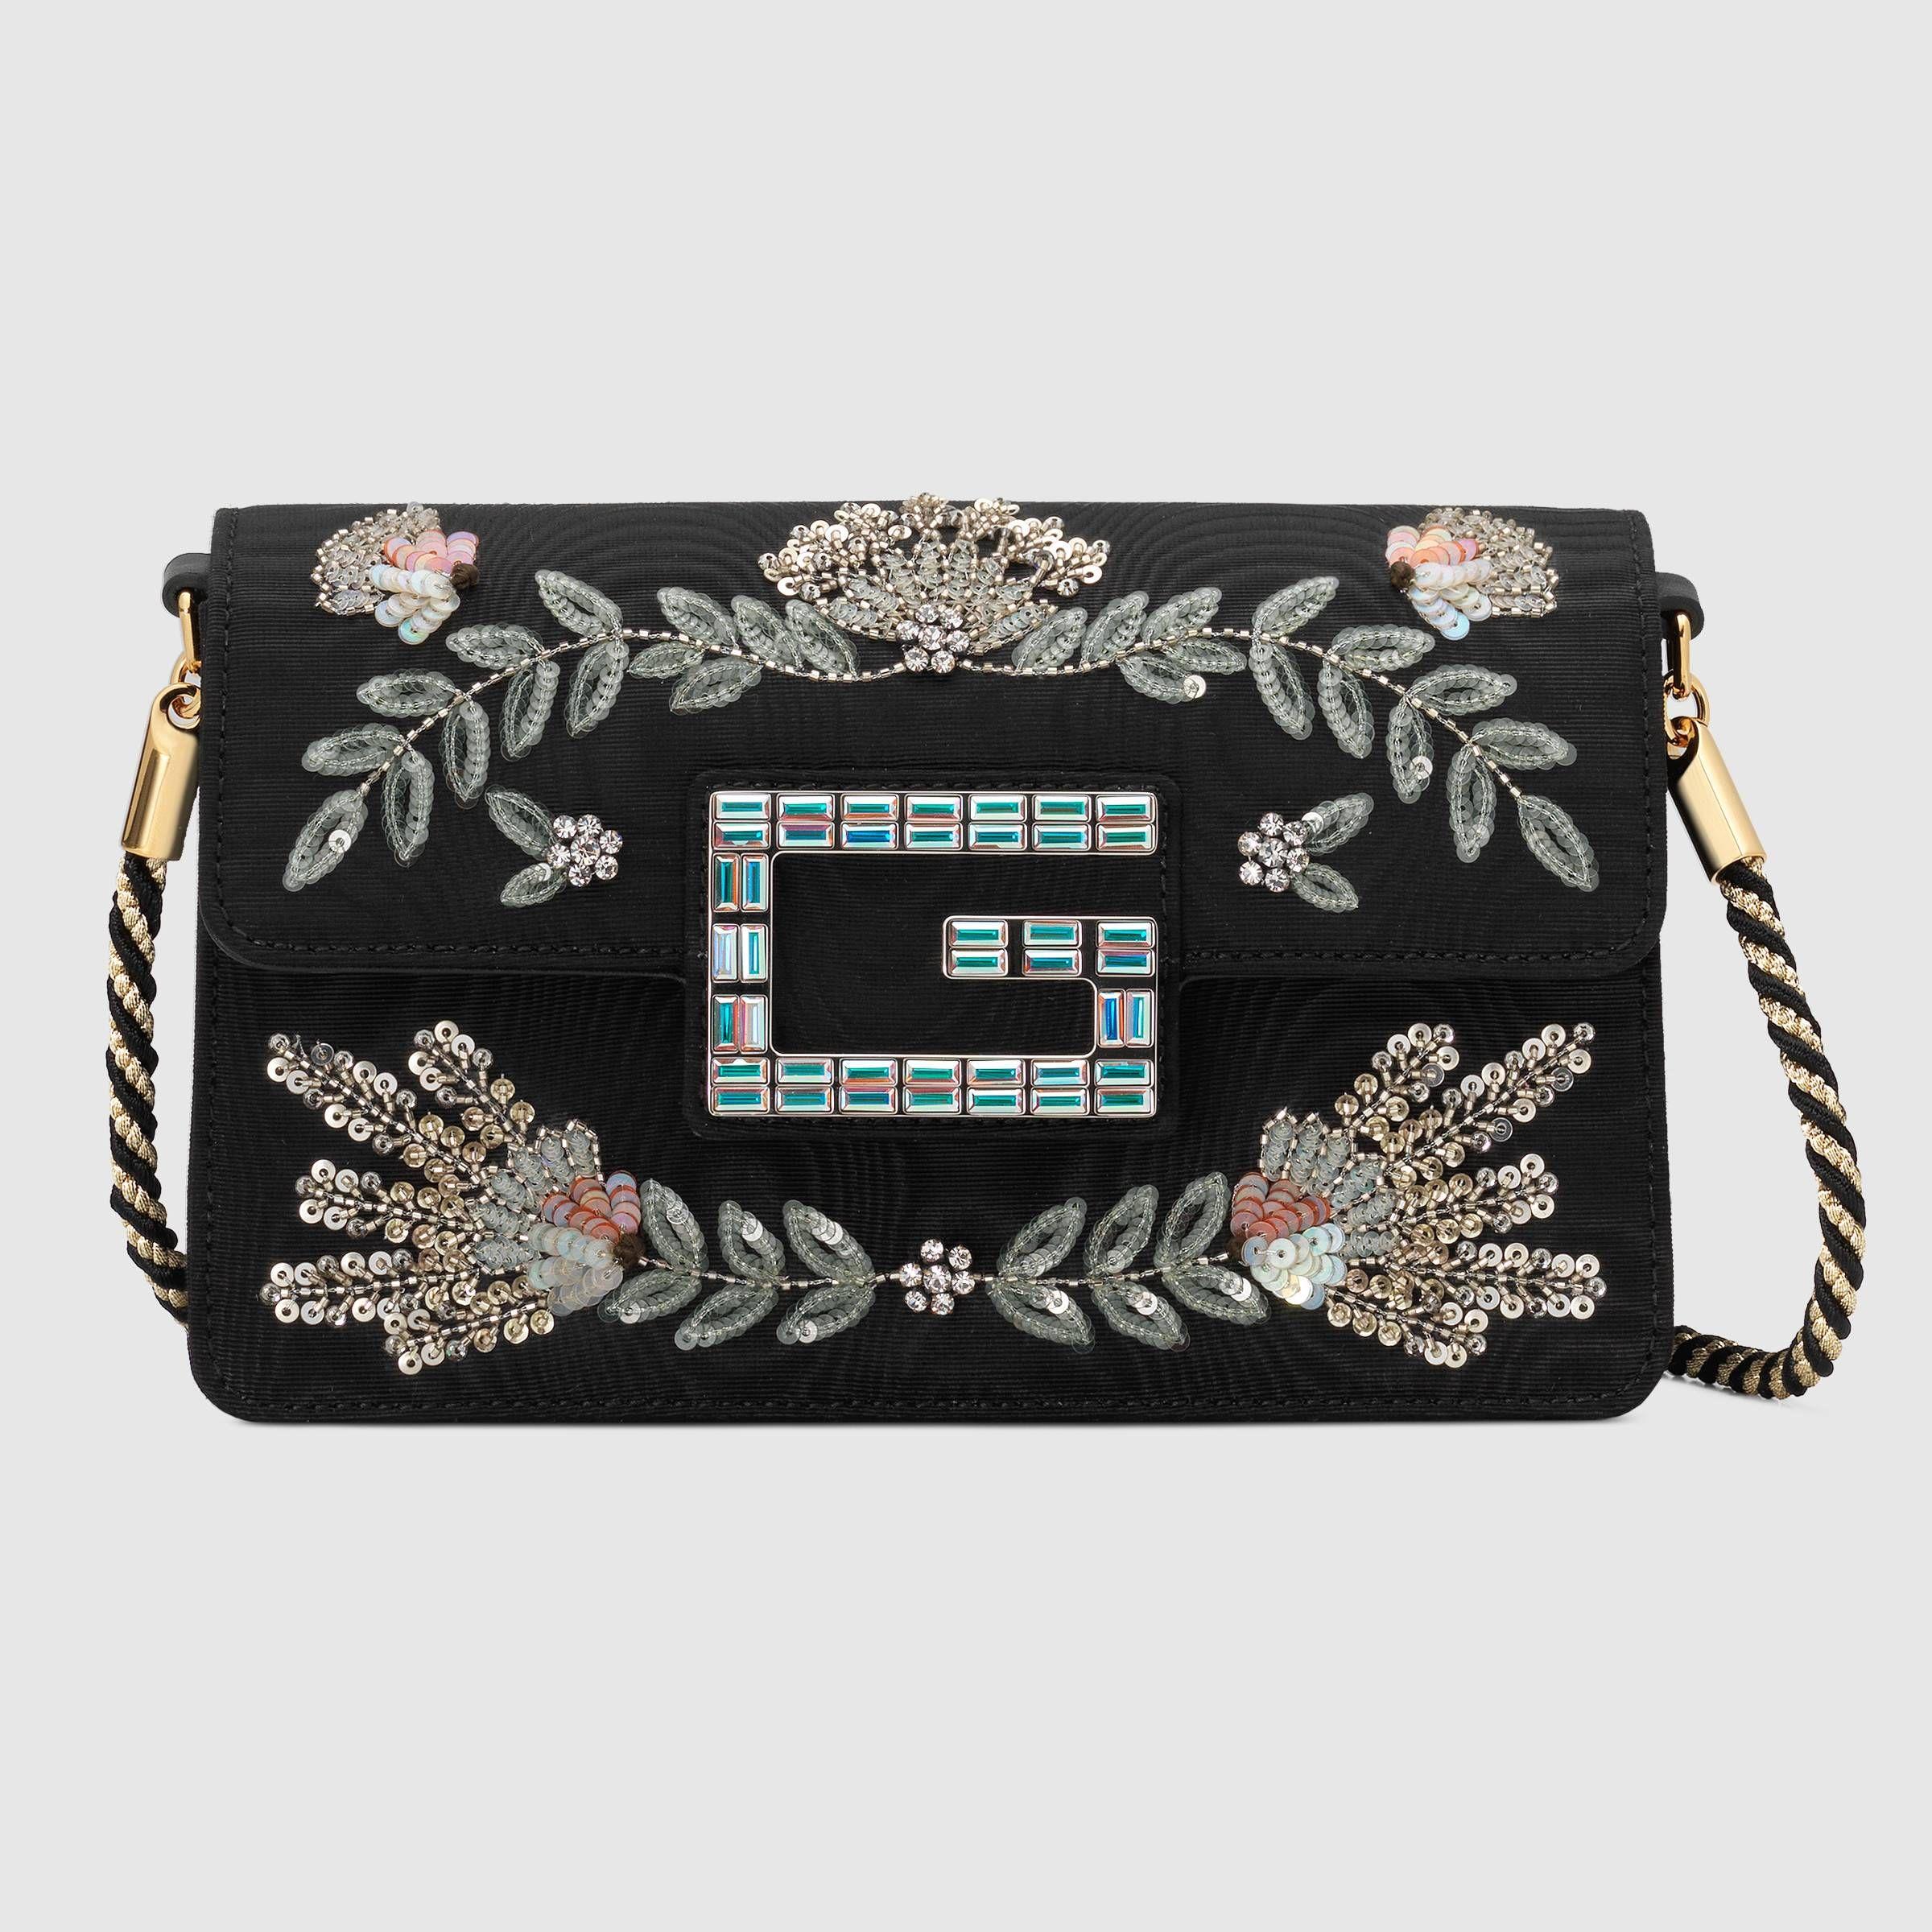 da349fb597d5 Shoulder bag with Square G - Gucci Women's Shoulder Bags 5442429W8AX1098